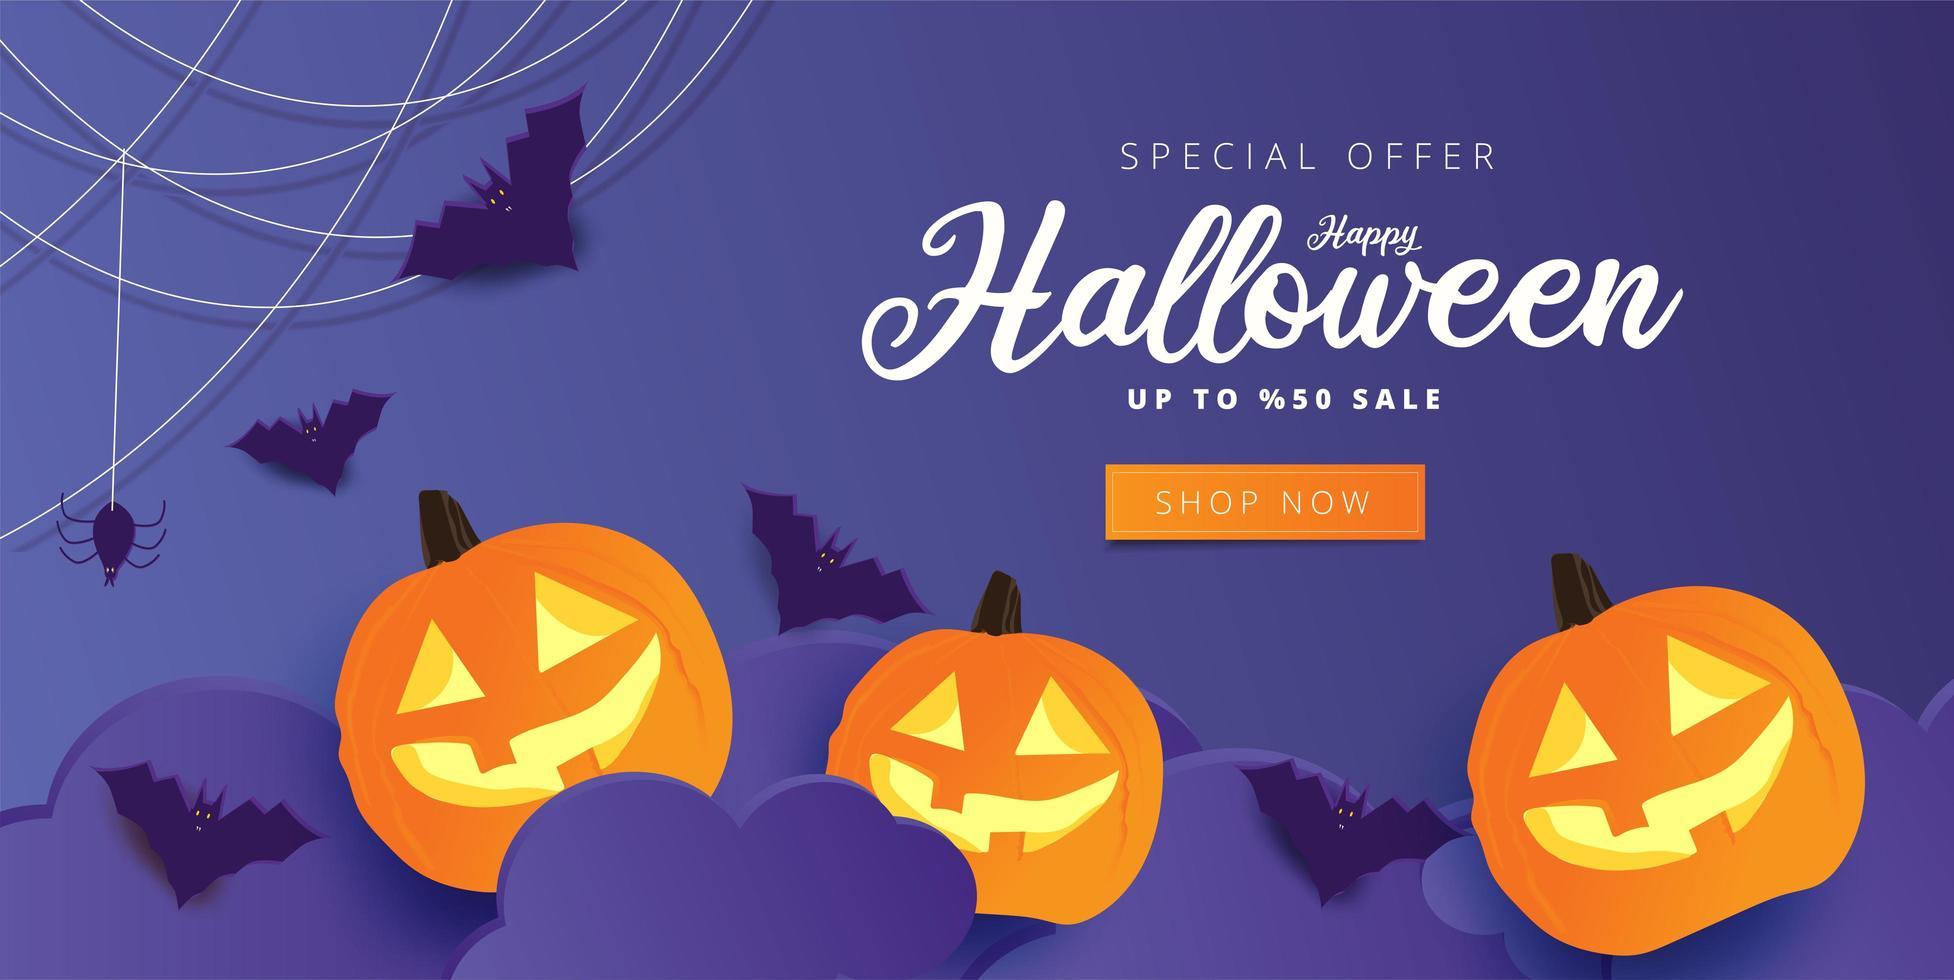 Happy Halloween purple sale banner with pumpkins and bats vector